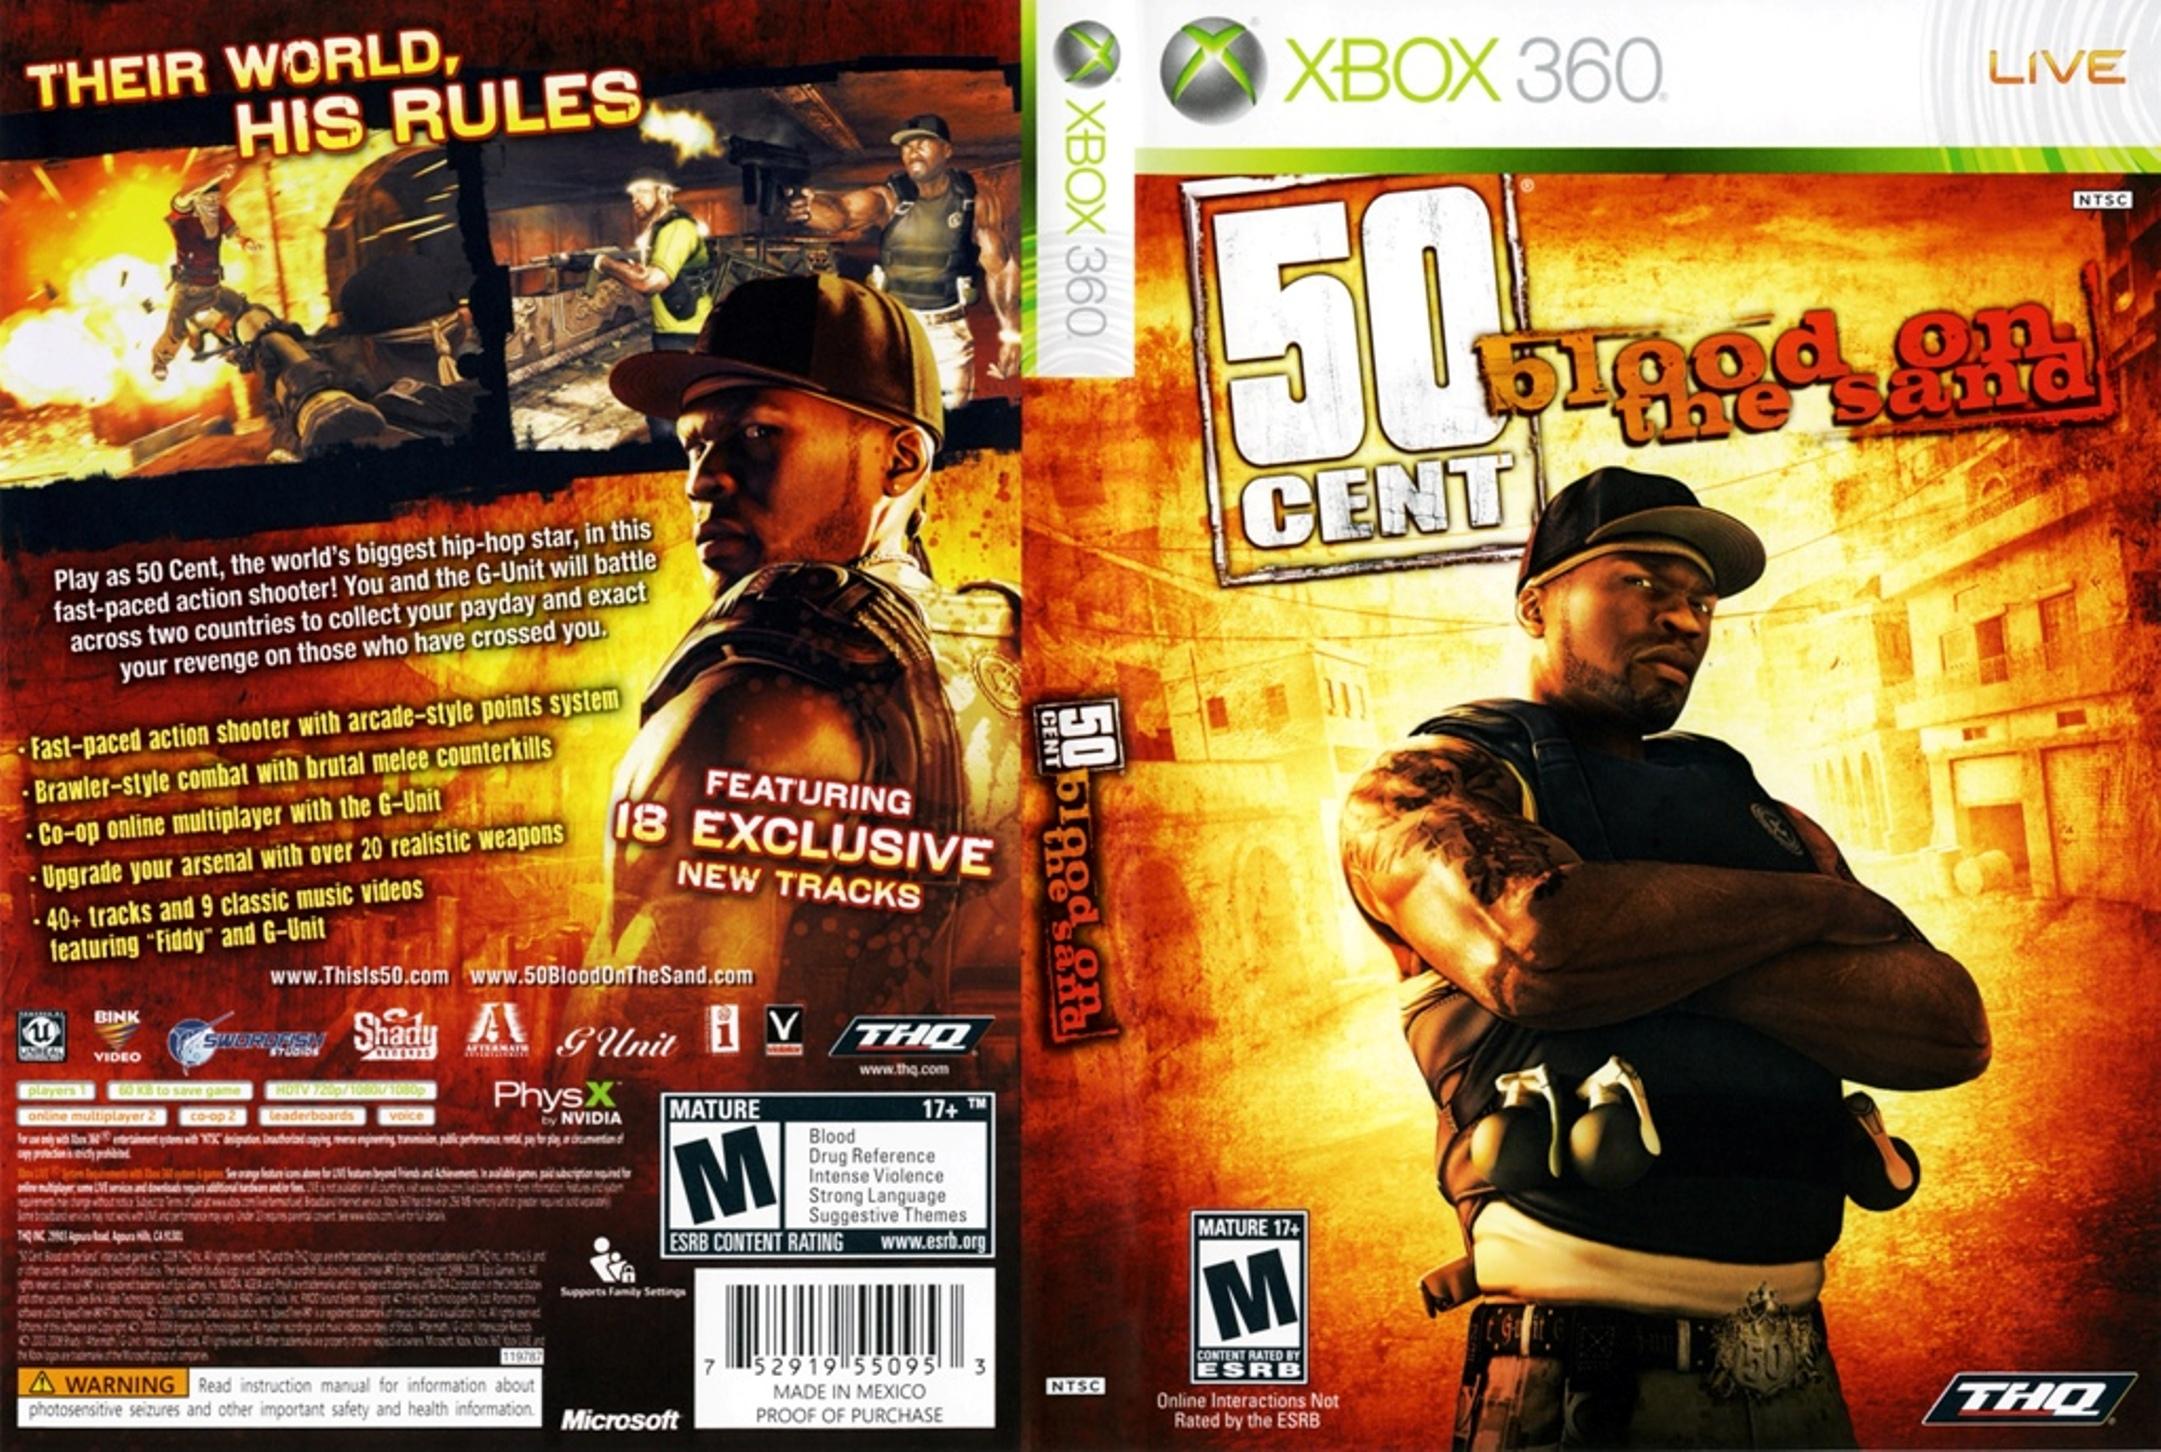 Microsoft Xbox 360 - Lista de juegos y Hardware on gta 5 xbox 360, games xbox 360, accesorios de xbox 360, jeu de xbox 360, juegos para xbox, fotos de xbox 360, juegos para ds, consola de xbox 360, juegos gratis xbox 360, naruto xbox 360, juegos para 3ds, stubbs the zombie xbox 360, tetris xbox 360, barbie xbox 360, juegos playstation 3, mario bros xbox 360, jogos de xbox 360, lego xbox 360, pacman xbox 360, jeux de xbox 360,